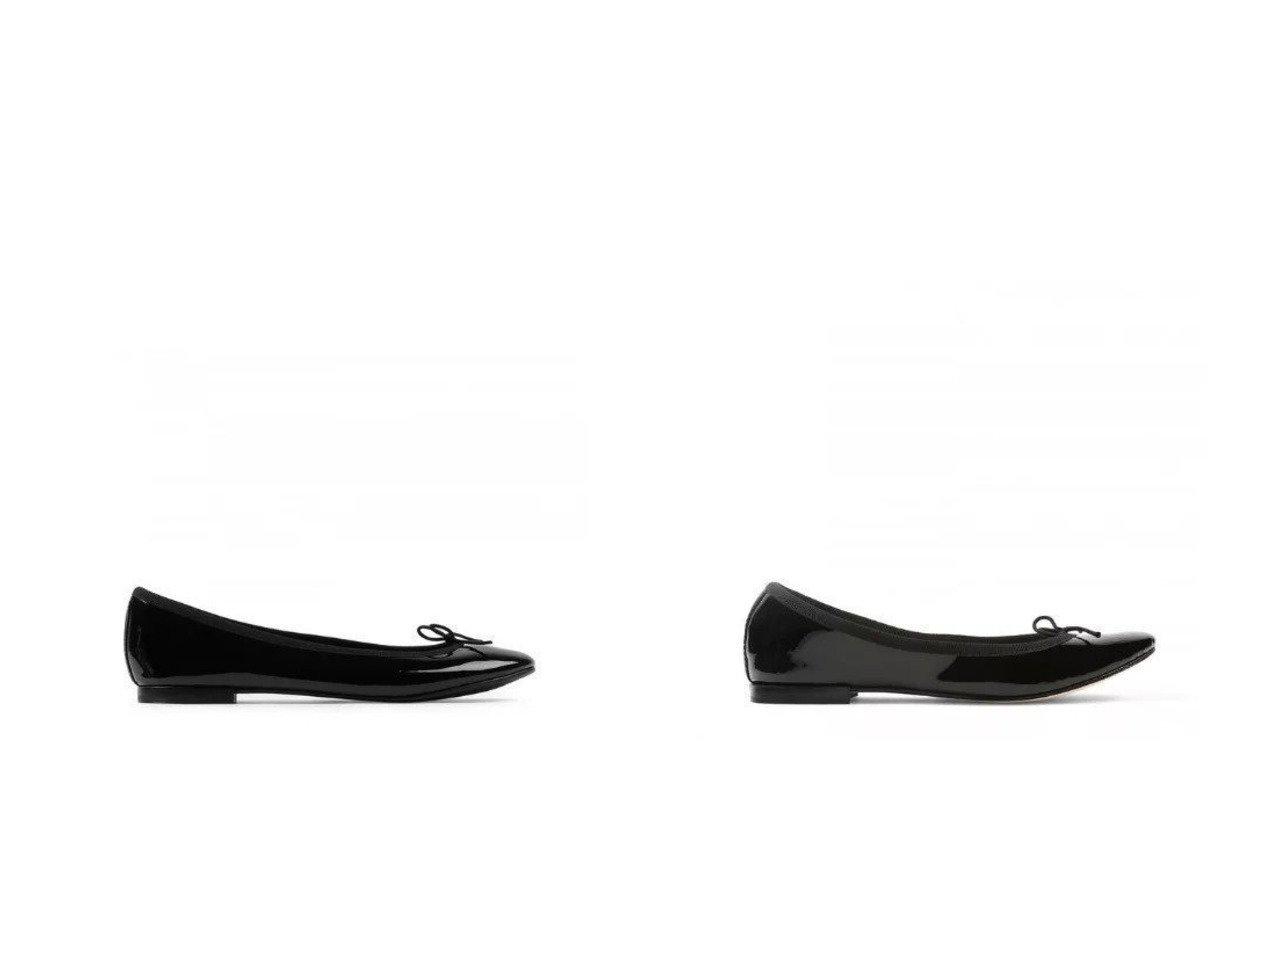 【repetto/レペット】のLili Ballerinas&Cendrillon Ballerinas 【シューズ・靴】おすすめ!人気トレンド・レディースファッション通販 おすすめで人気の流行・トレンド、ファッションの通販商品 インテリア・家具・メンズファッション・キッズファッション・レディースファッション・服の通販 founy(ファニー) https://founy.com/ ファッション Fashion レディースファッション WOMEN シューズ シンプル バレエ フラット リボン インソール エナメル キャンバス グログラン コレクション レース |ID:crp329100000046508